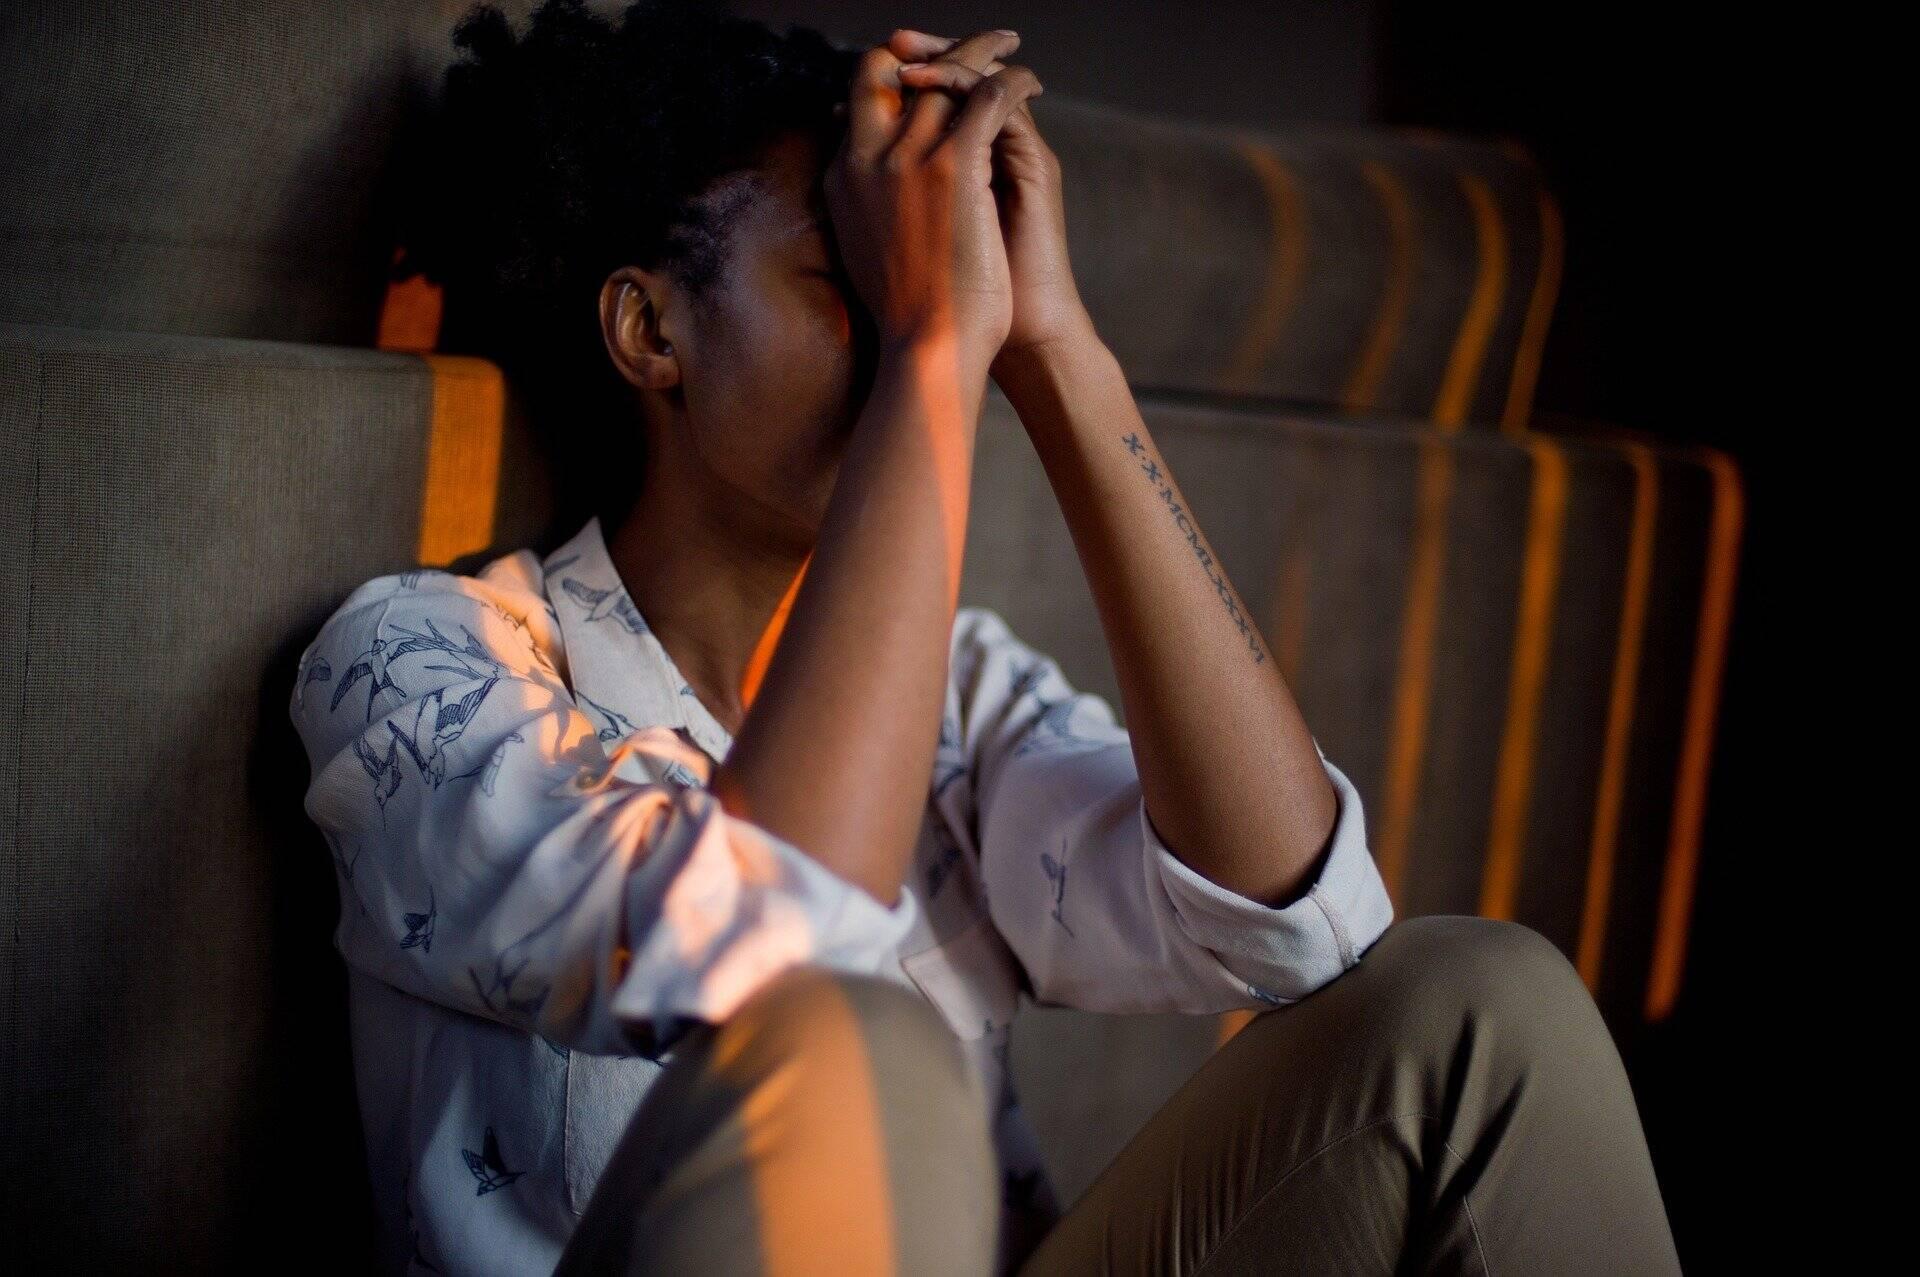 Une psychologue lyonnaise donne des conseils aux étudiants pour mieux vivre le confinement